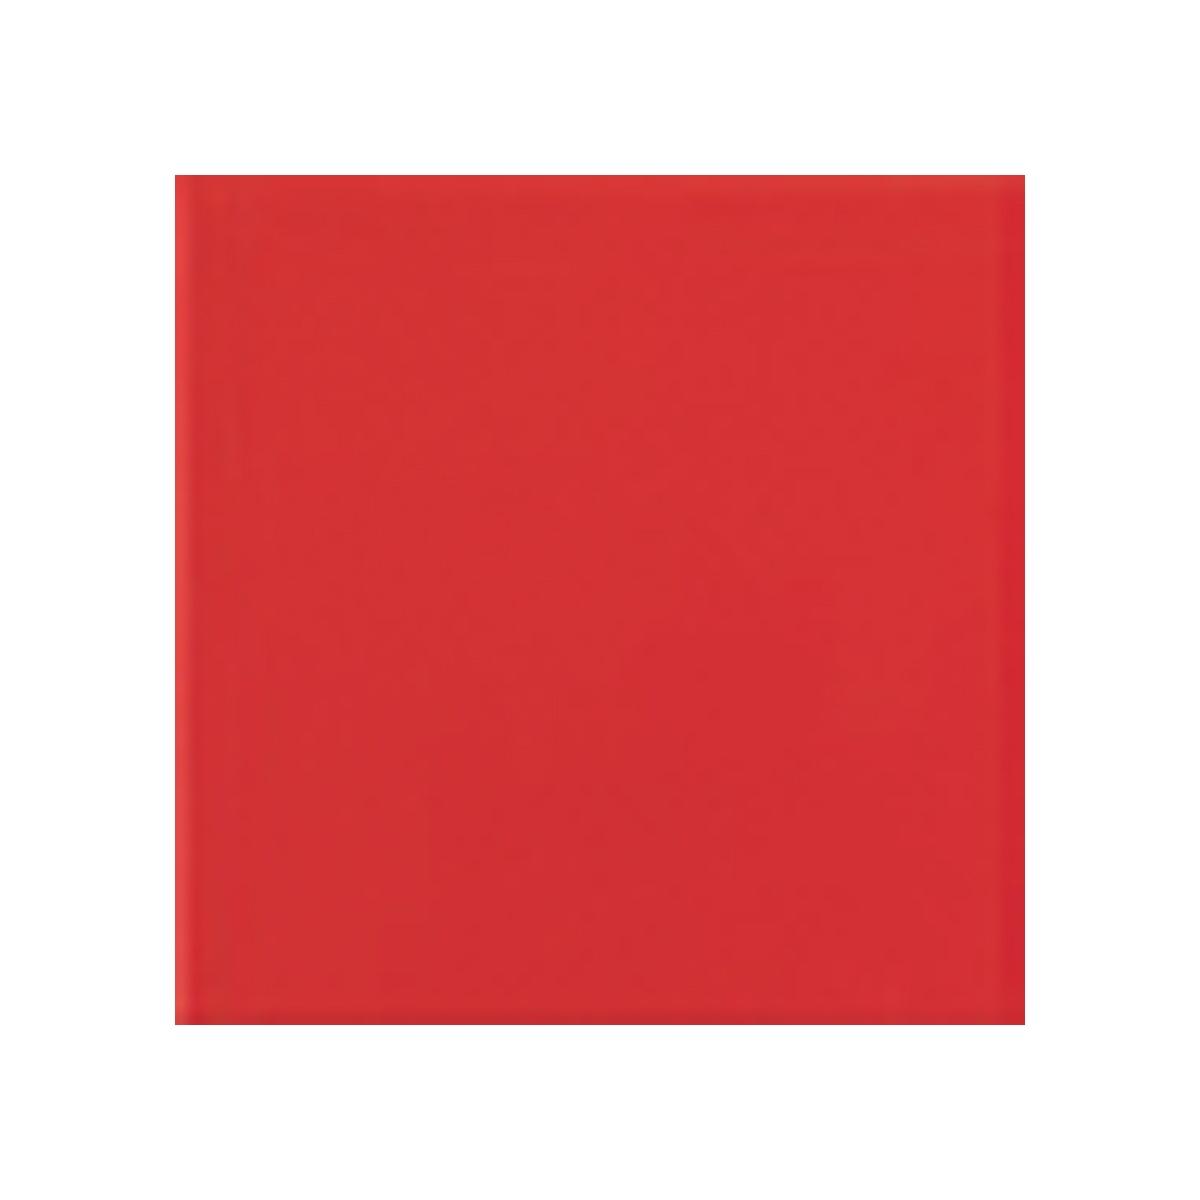 Color rojo mate - Colección Colores Mate - Marca Mainzu